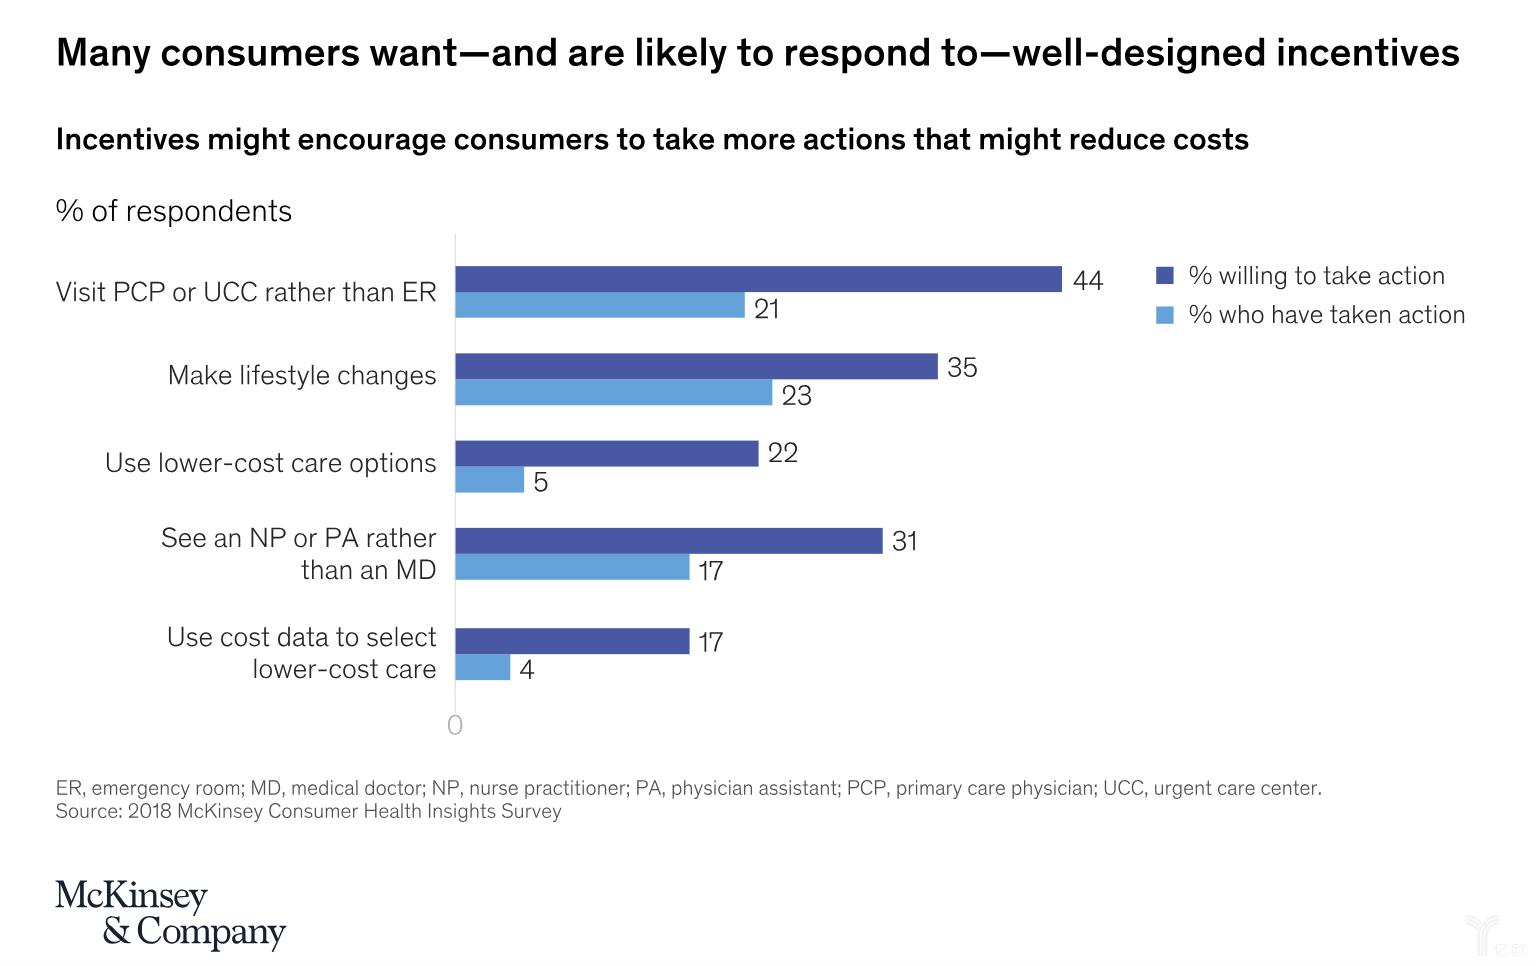 大多消費者喜歡優質的激勵措施